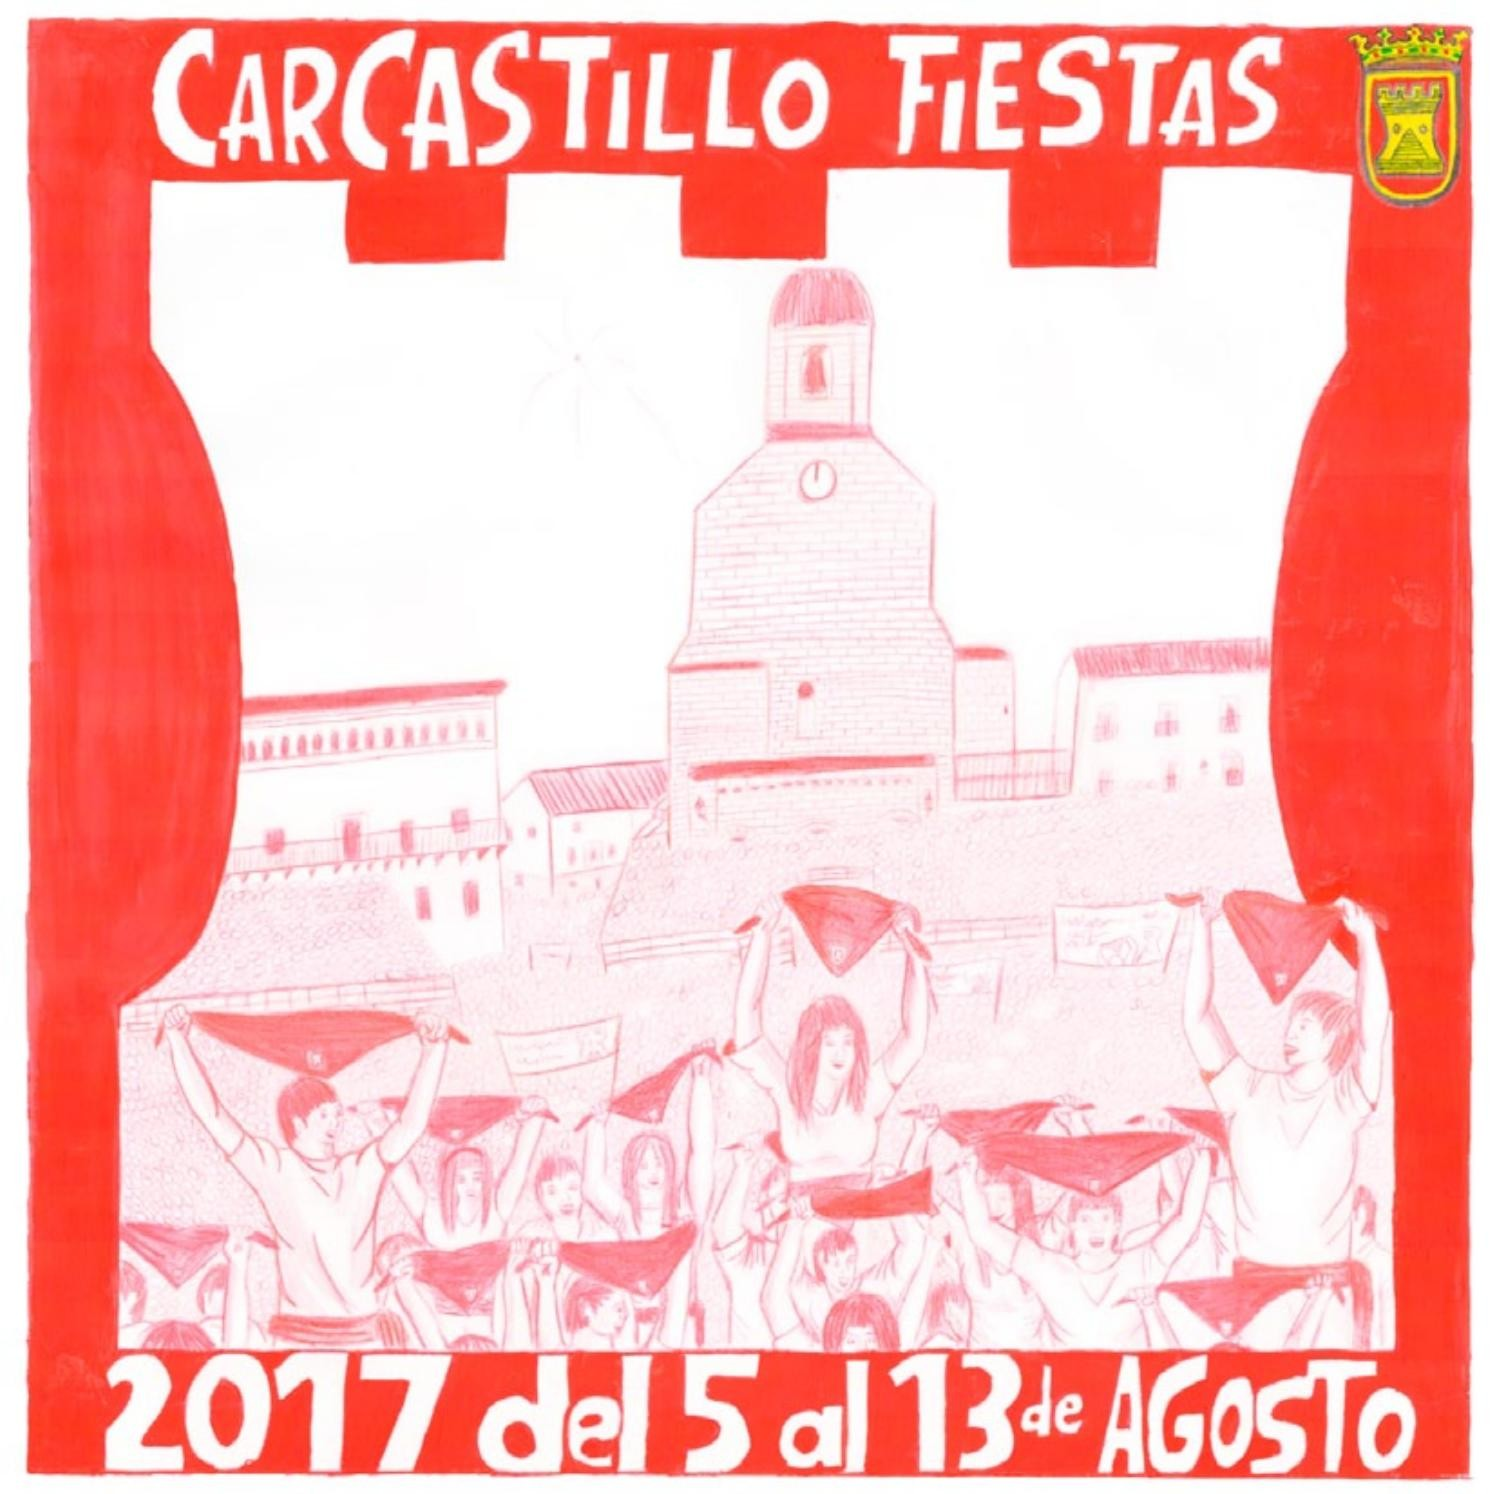 Calendario 2019 Con Festivos En Navarra Más Caliente Programa De Actos 2017 by Ayto Carcastillo issuu